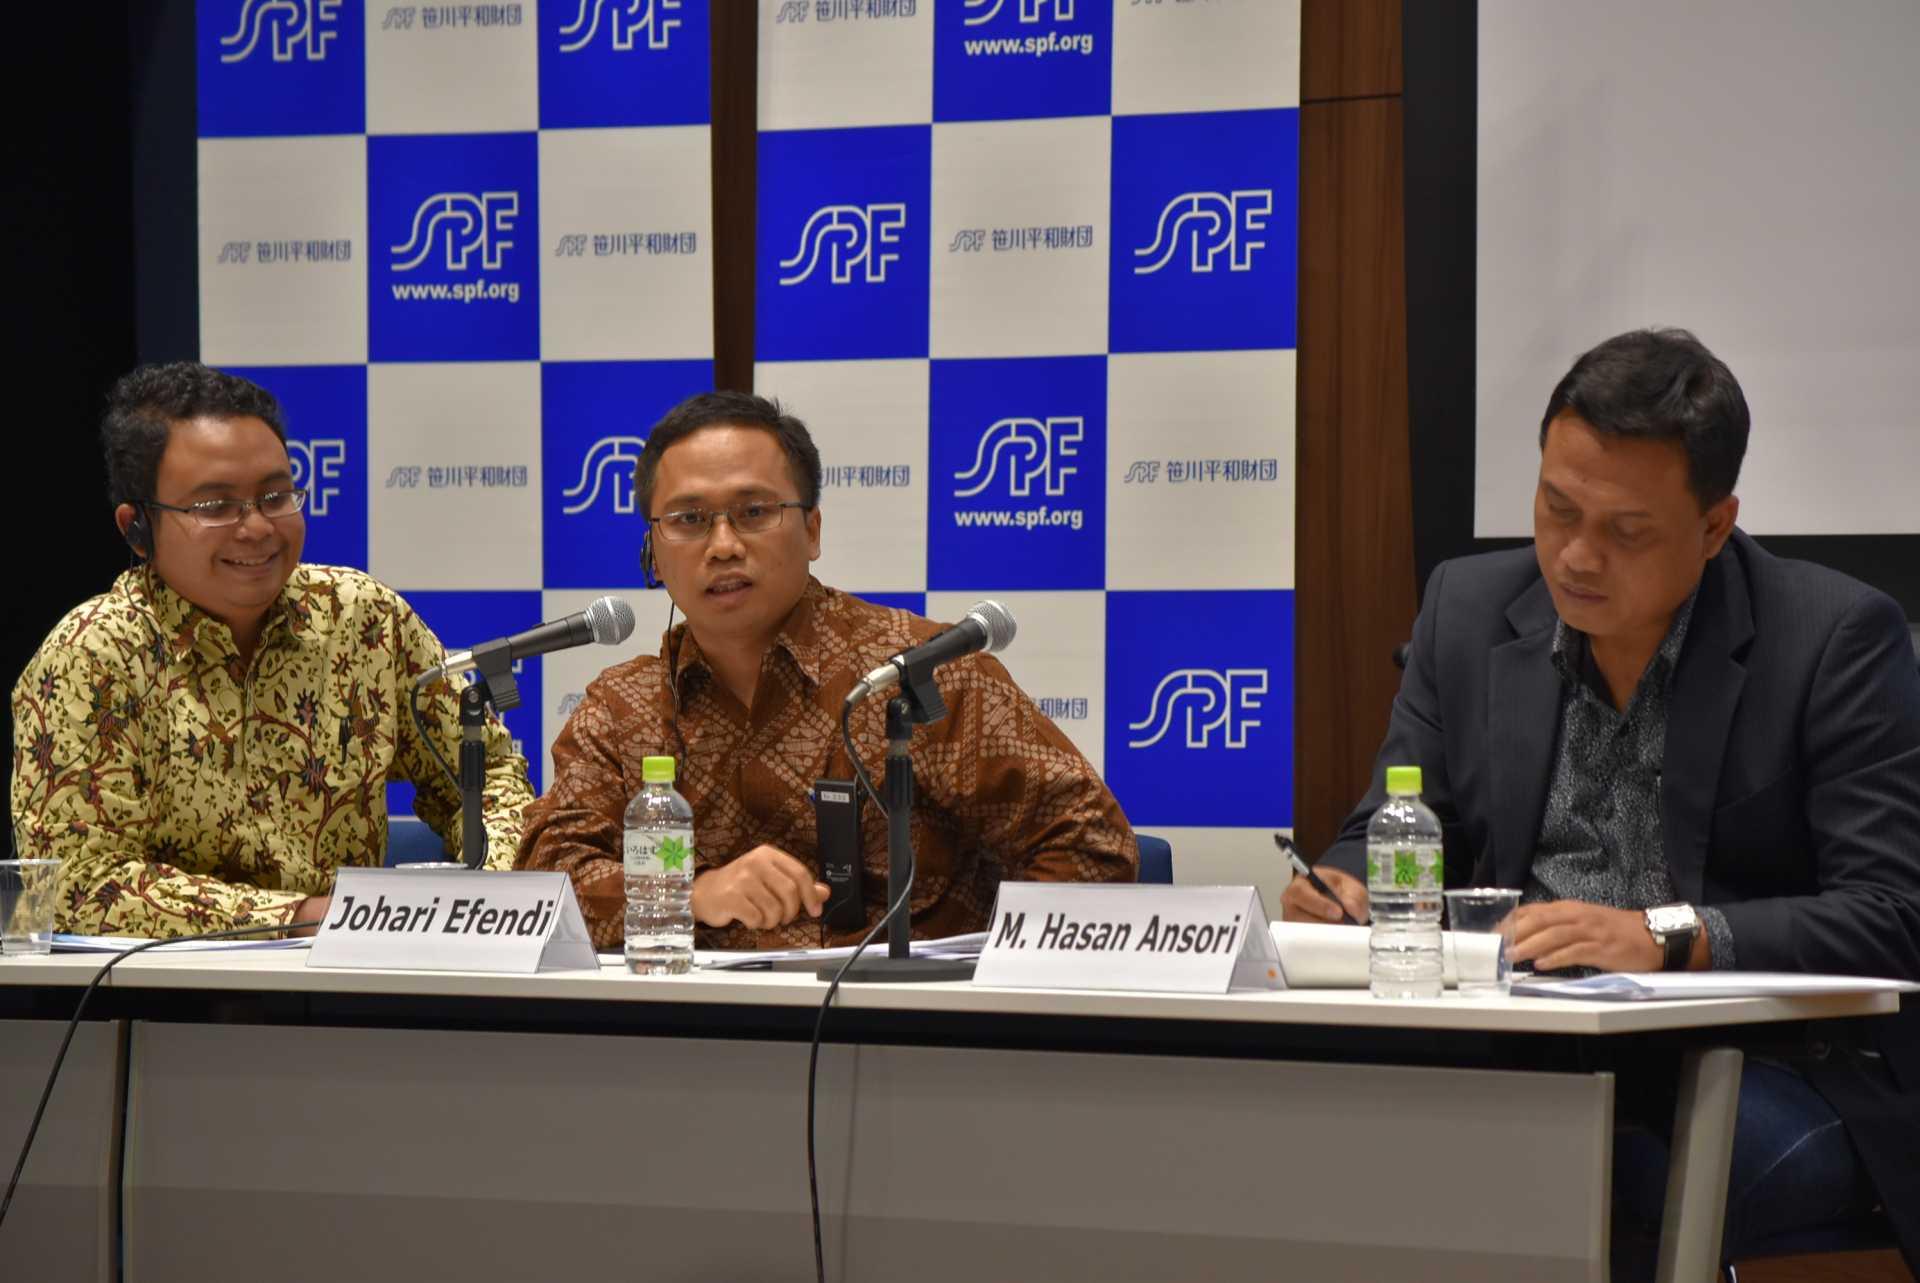 10/28 講演会 『アジアの難民保護:可能性と課題』